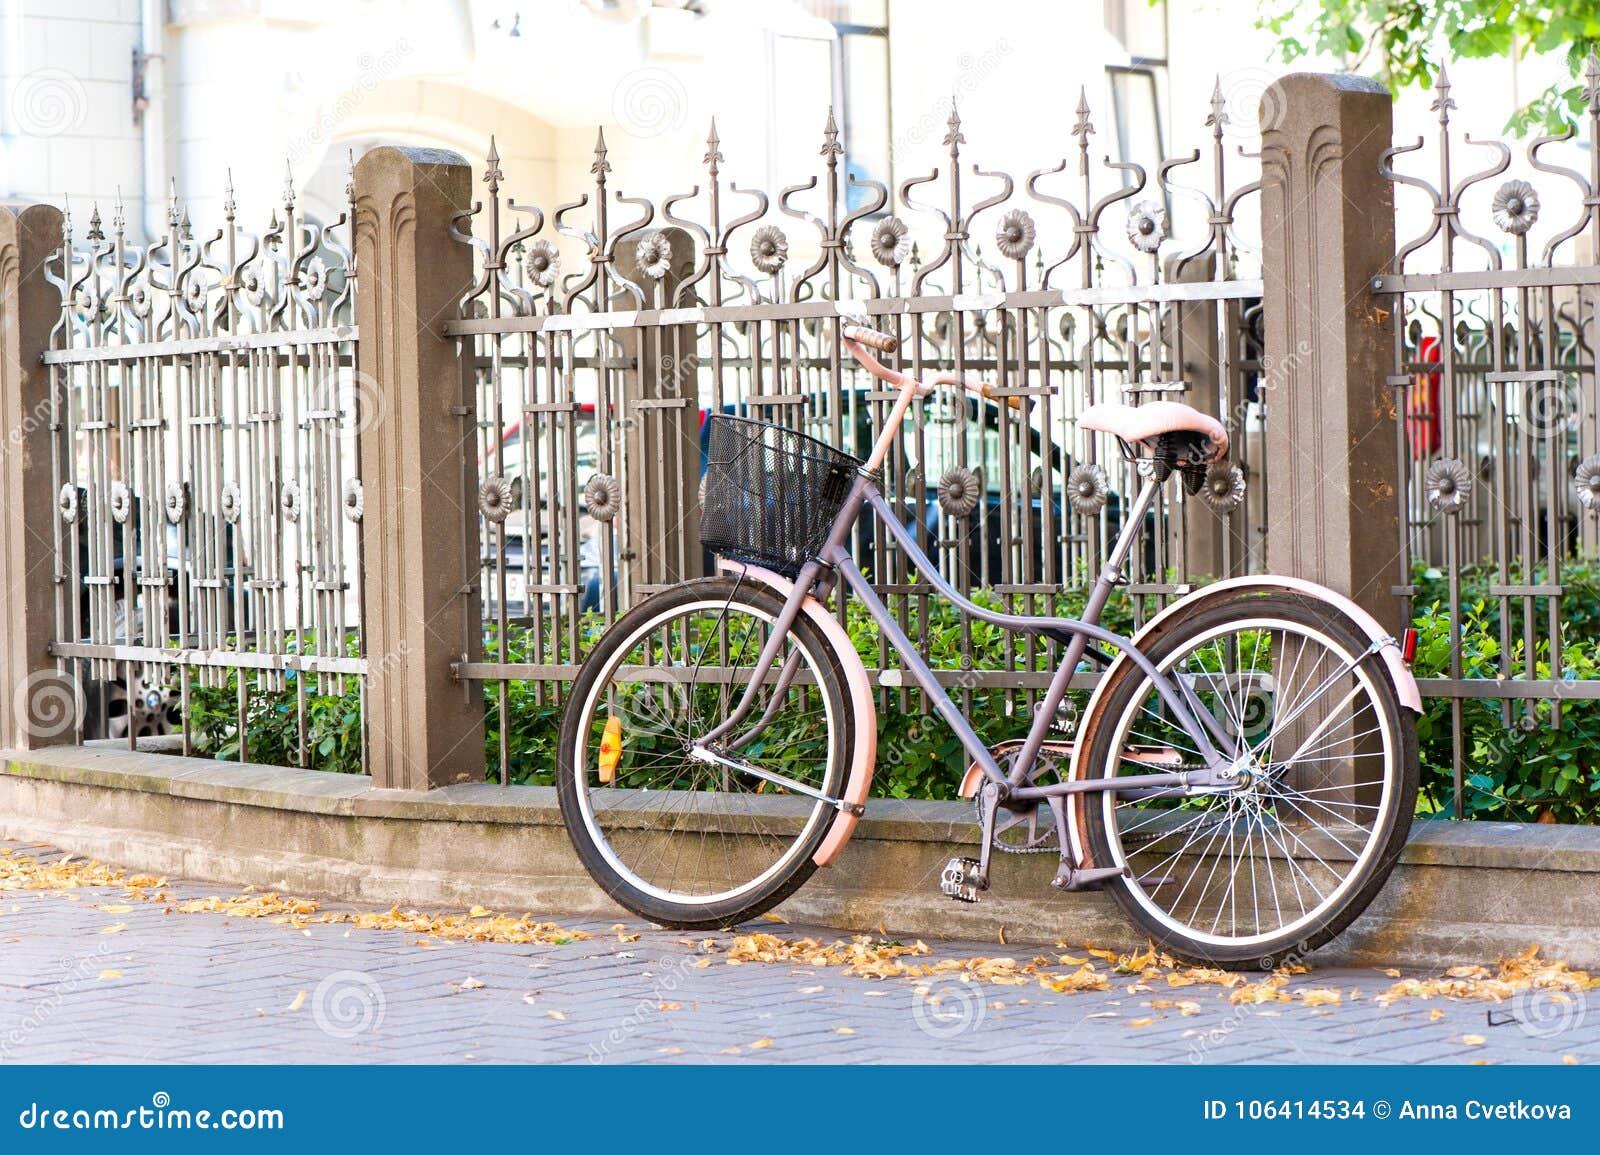 Vintage Retro Bicycle Near Metal Iron Fence  Outdoors  Stock Photo